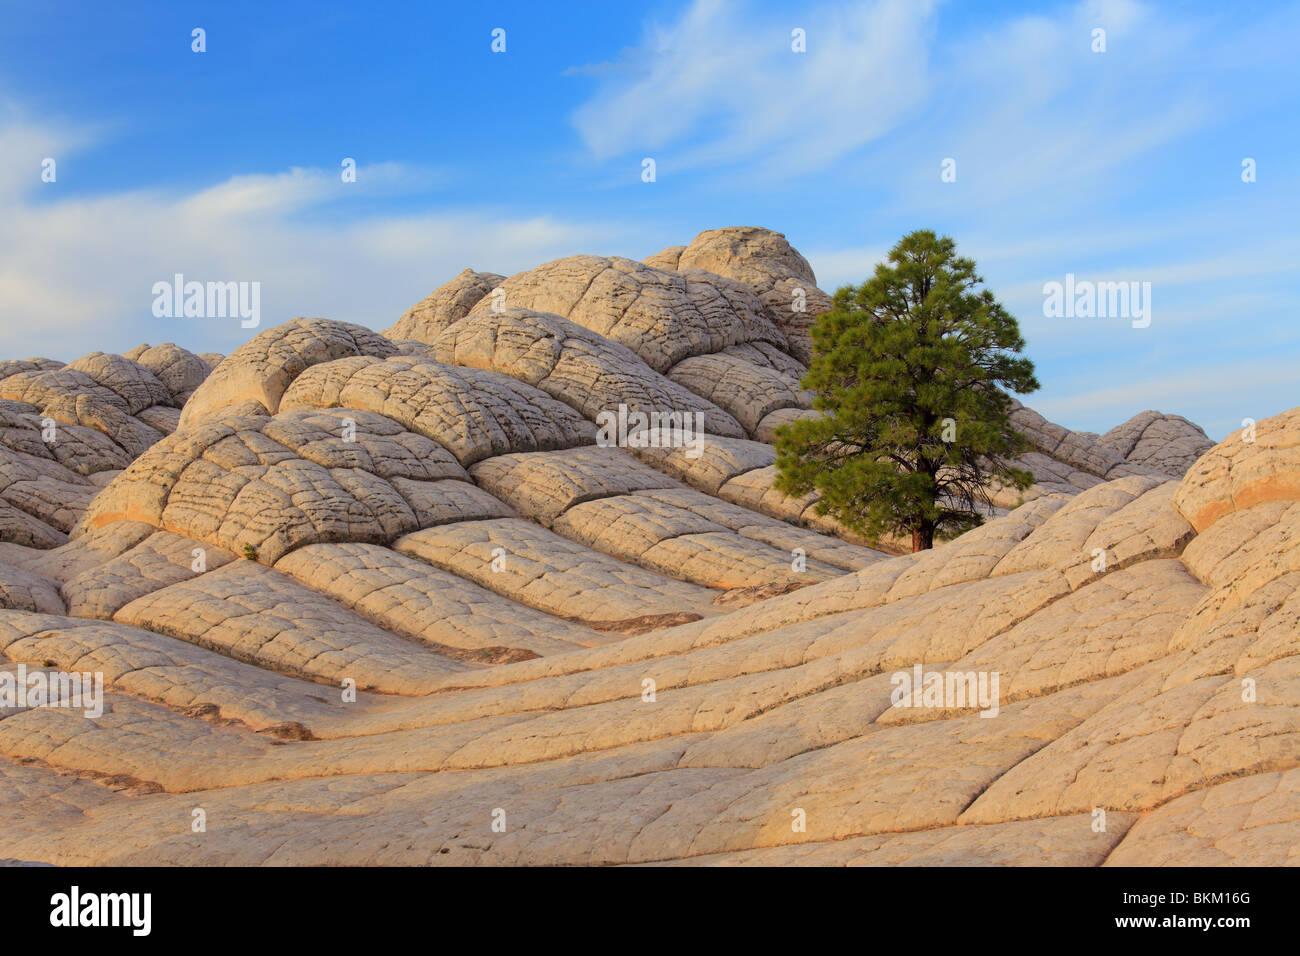 Parmi les arbres 'cerveau' rock formations de grès dans le Livre blanc de l'unité de poche Photo Stock